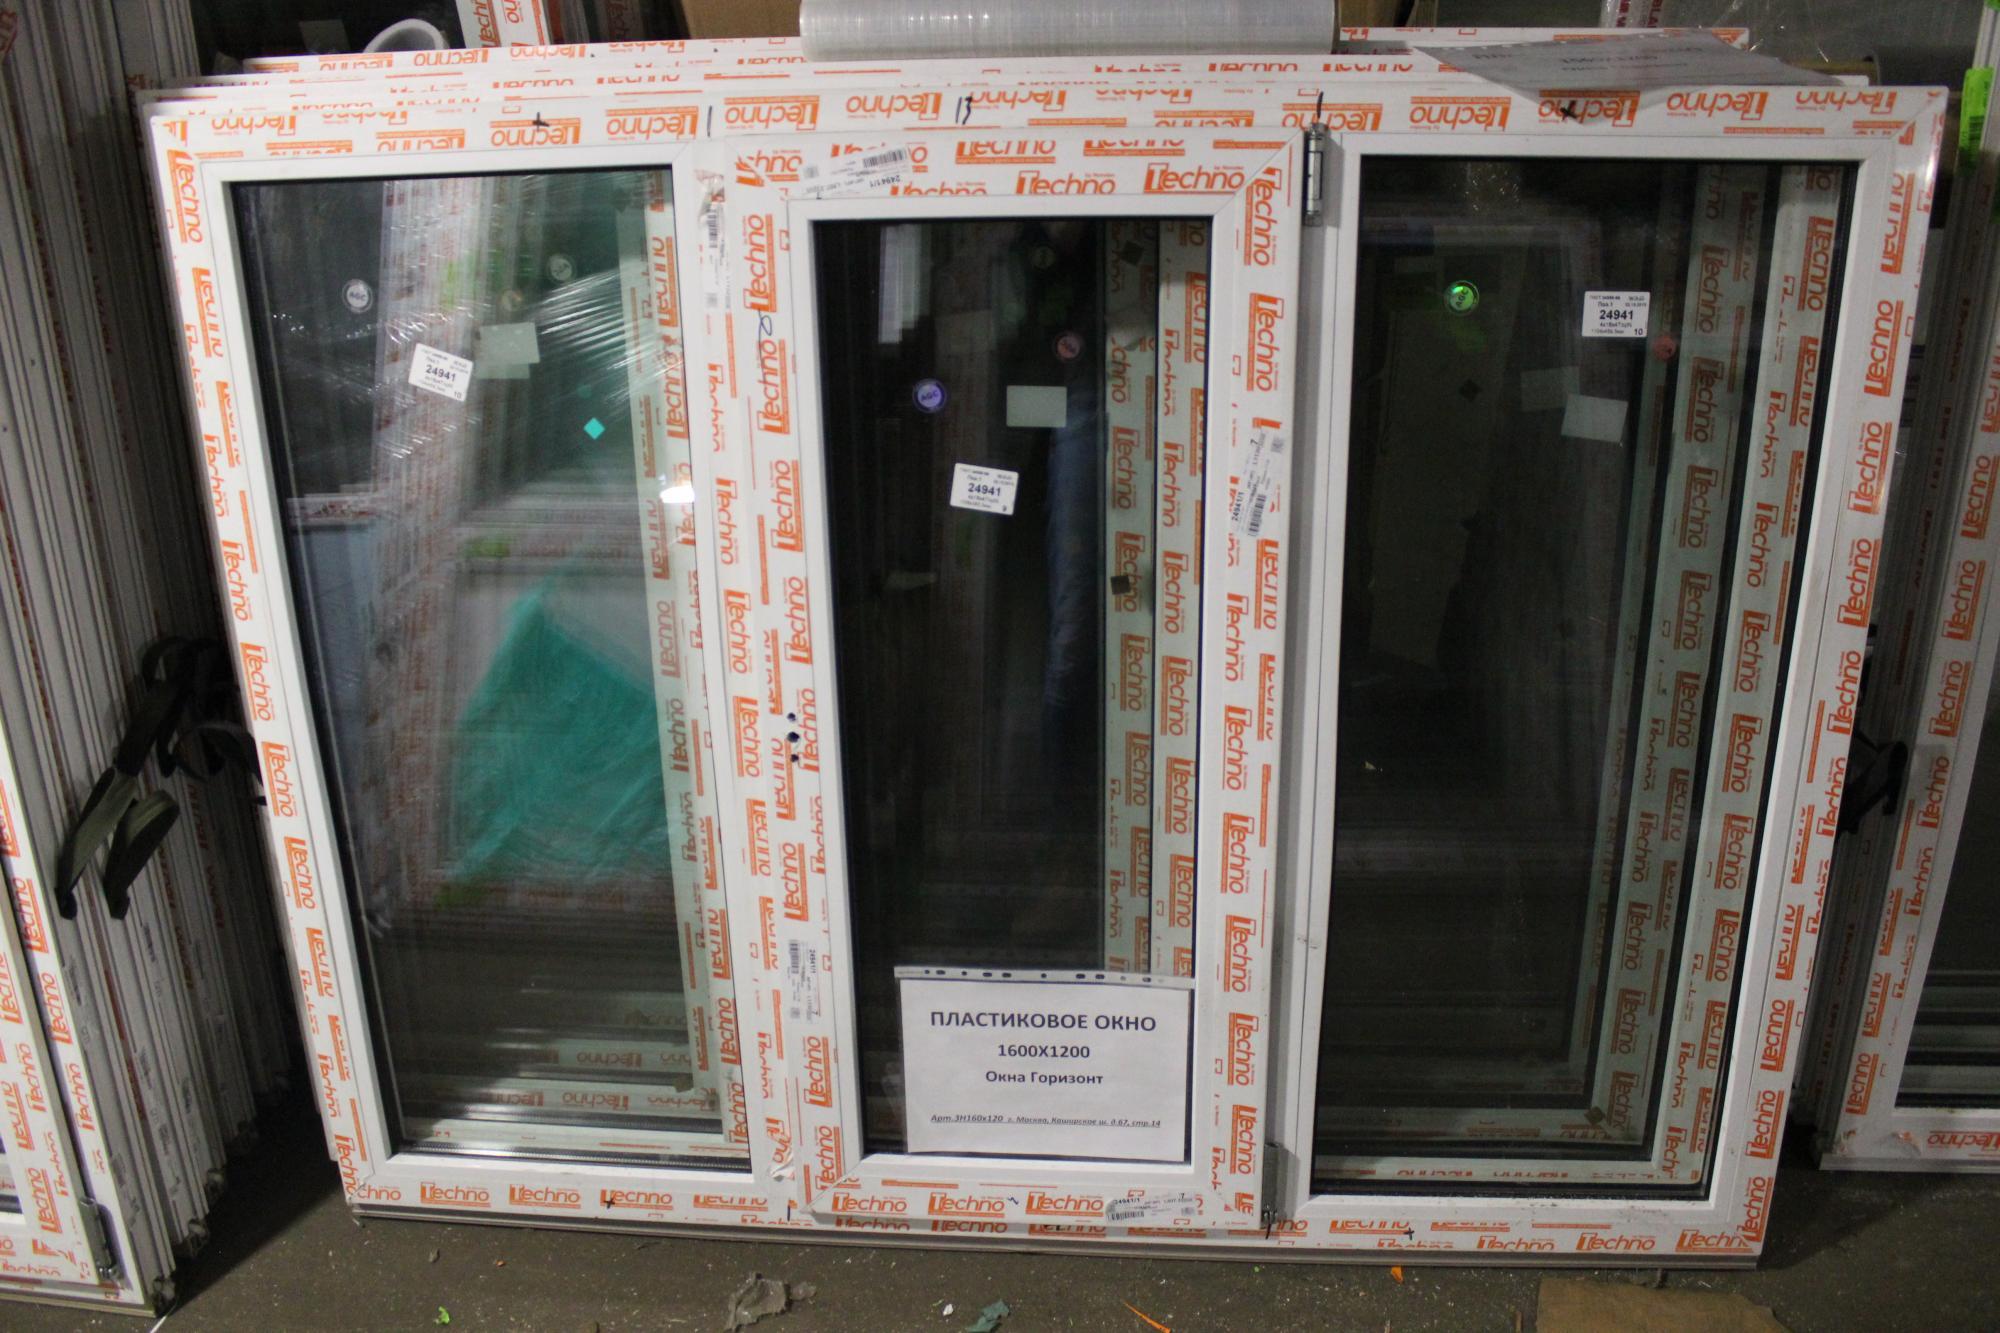 Готовое окно трехстворчатое 1600x1200 (ШxВ) в Москве 89253899134 купить 1